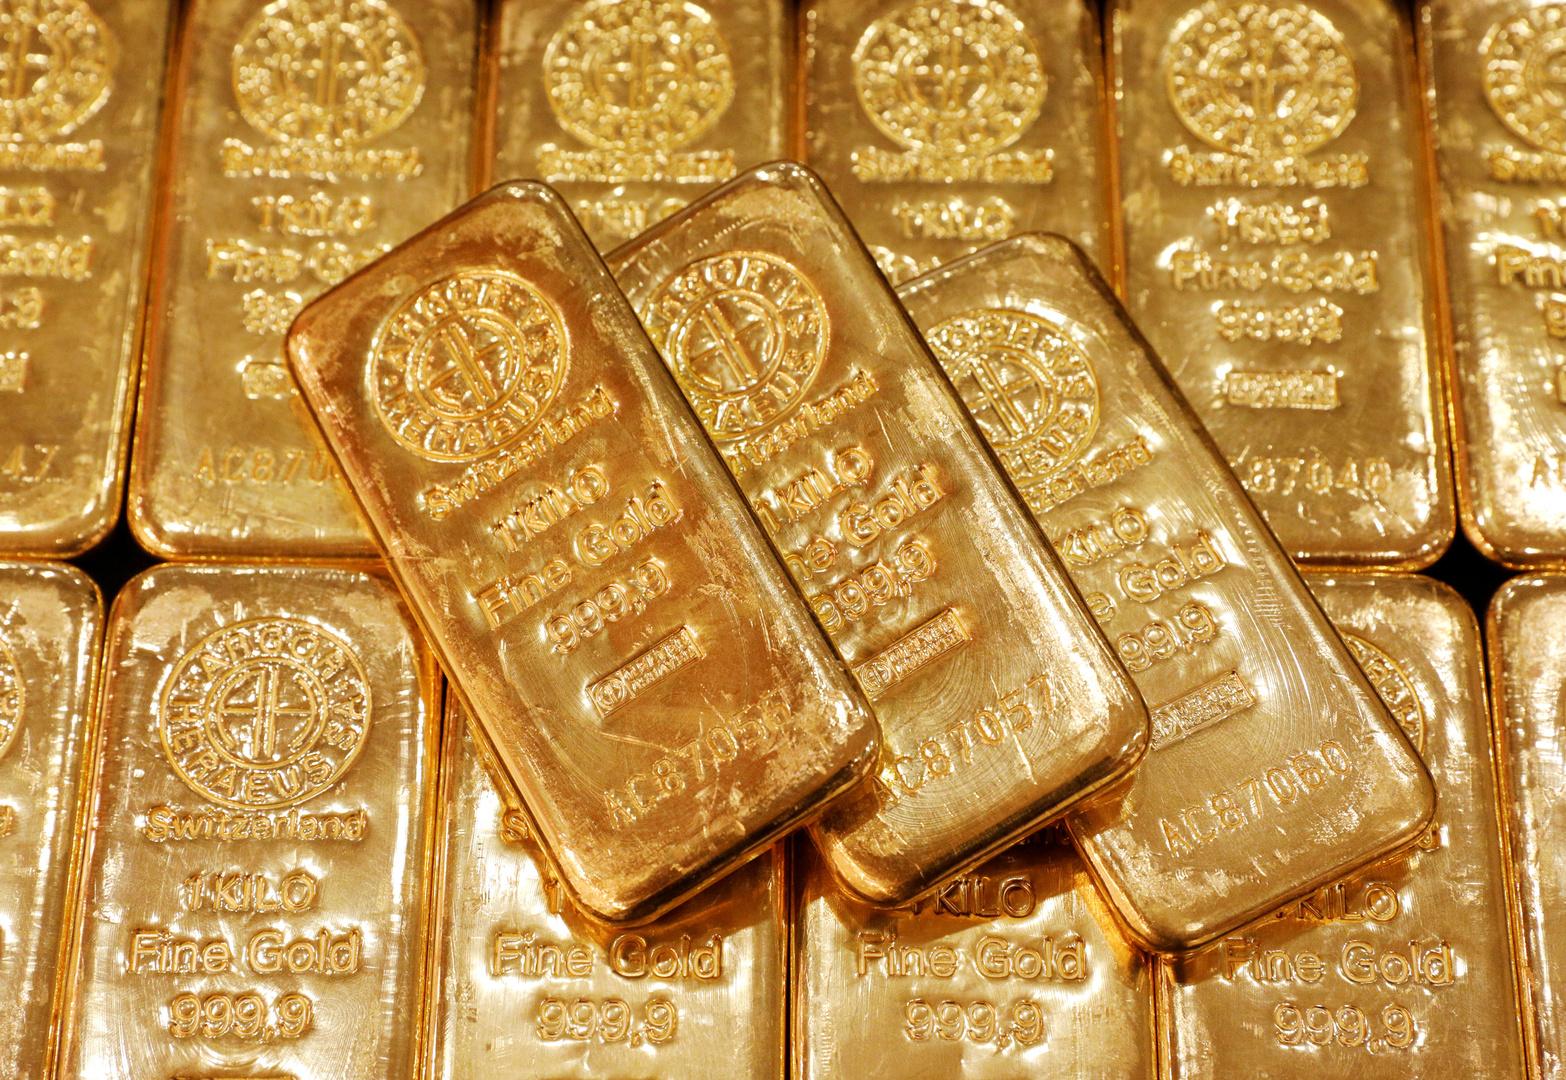 تقرير مختص: الطلب على الذهب بالتجزئة في روسيا يرتفع  بأكثر من الثلث في عام 2020